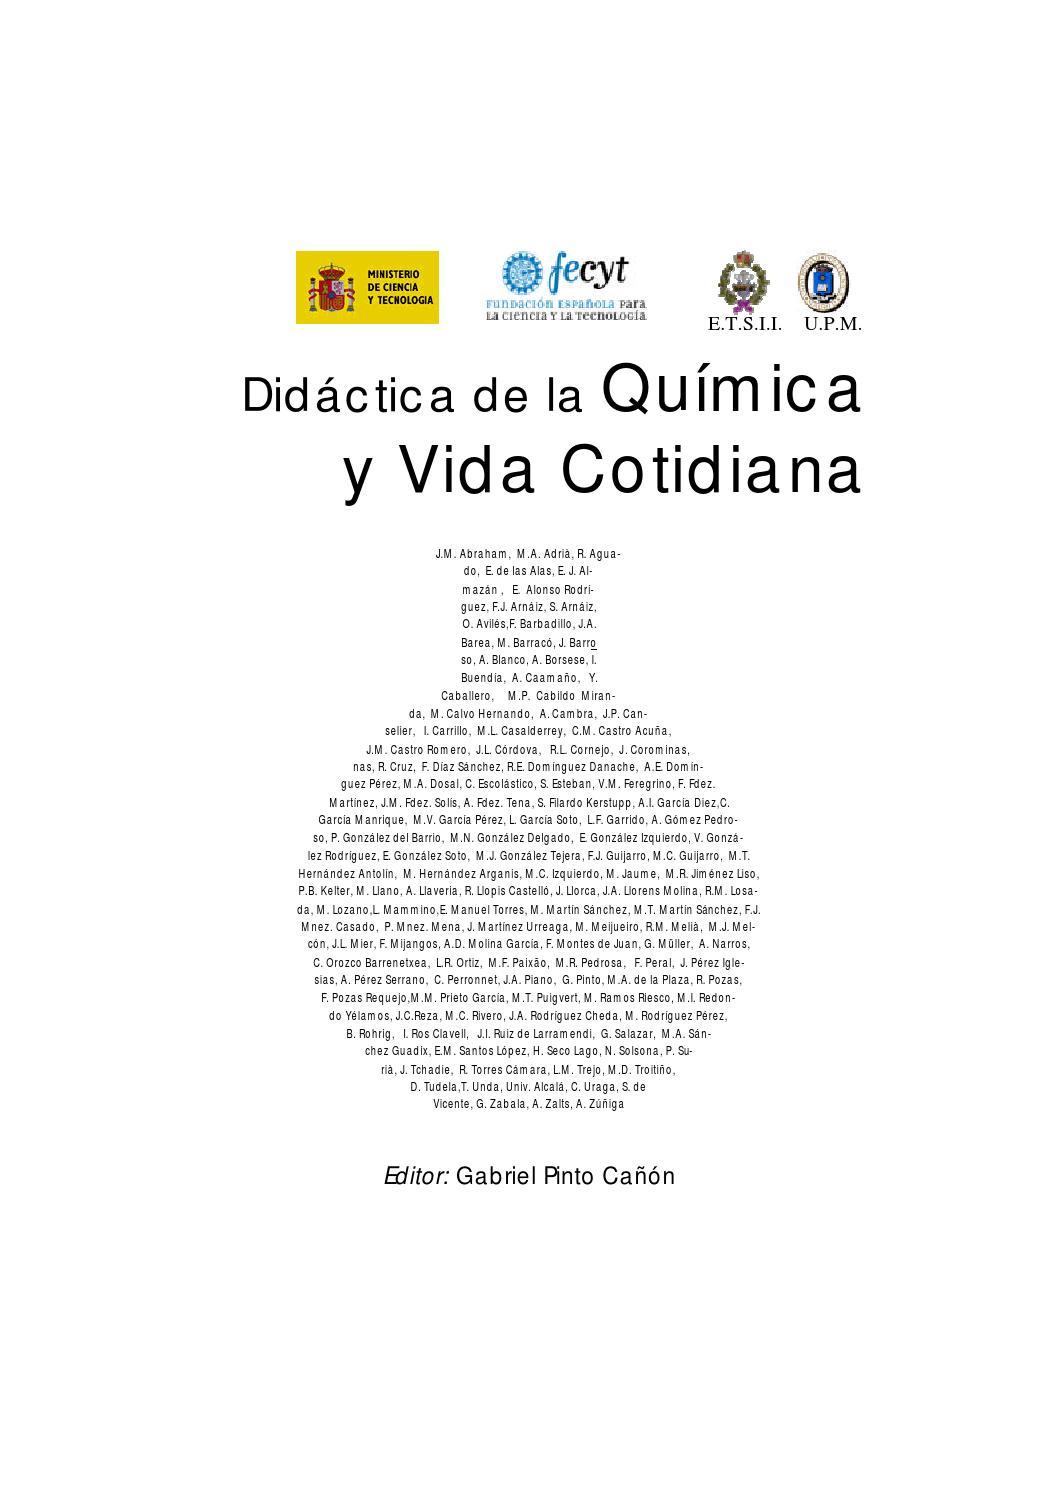 Quimicavidacotidiana by magdalena issuu for Libro la quimica y la cocina pdf